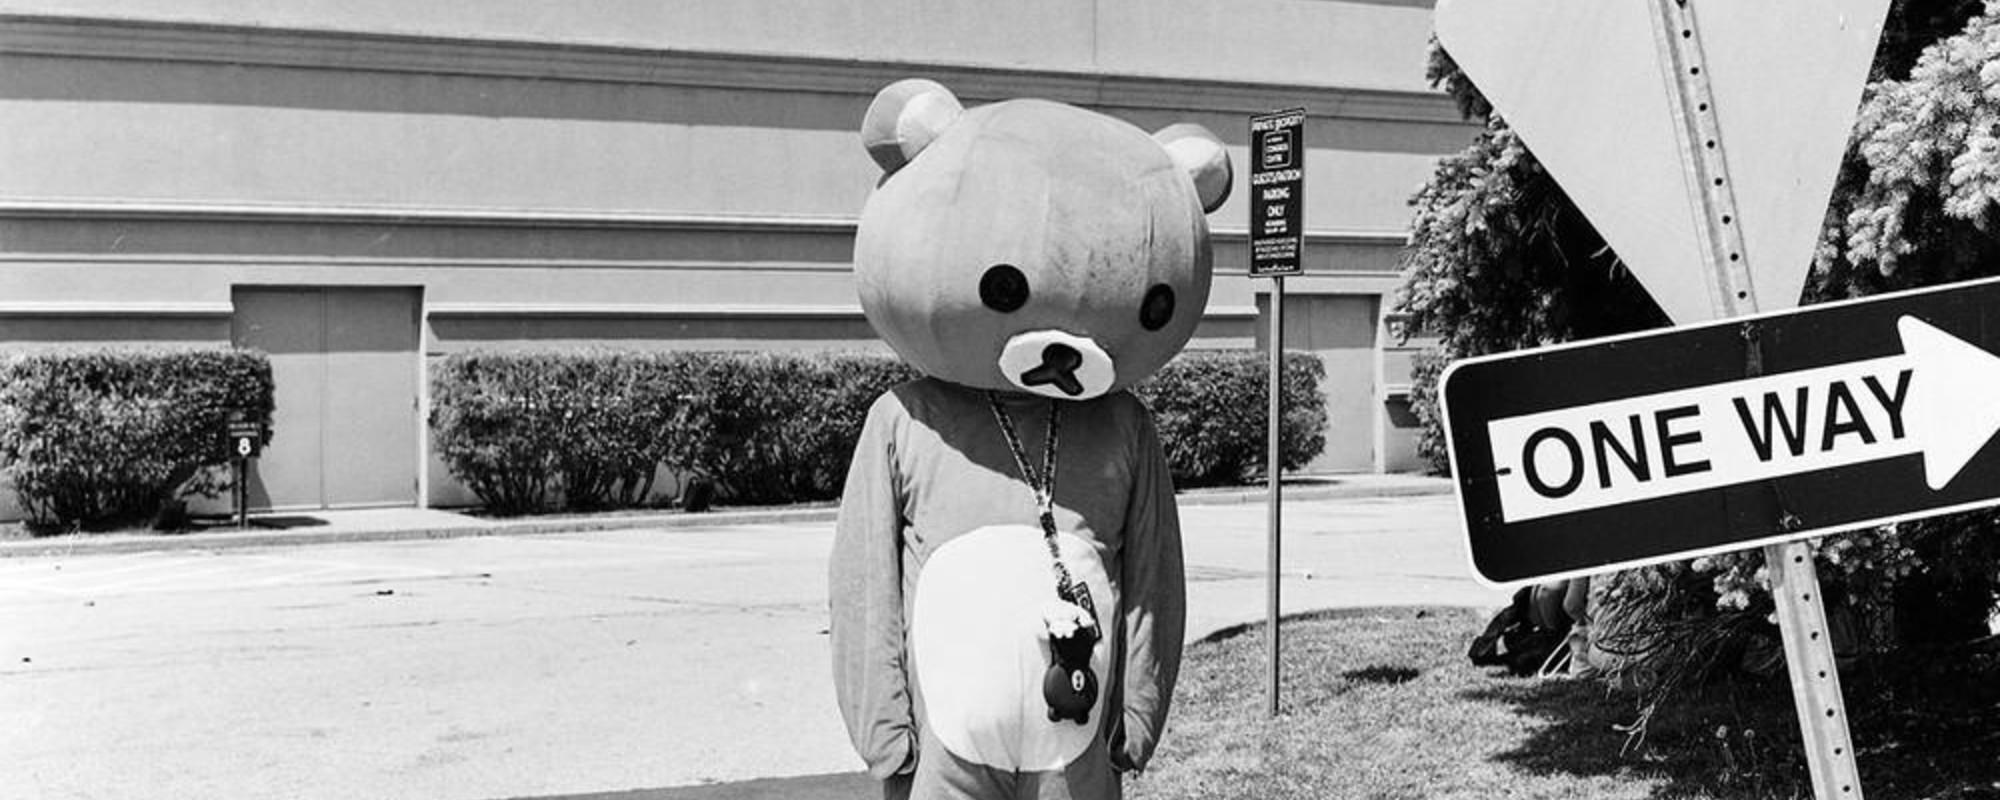 Anime czarne na białym – zobacz zdjęcia z największego konwentu anime w Kanadzie